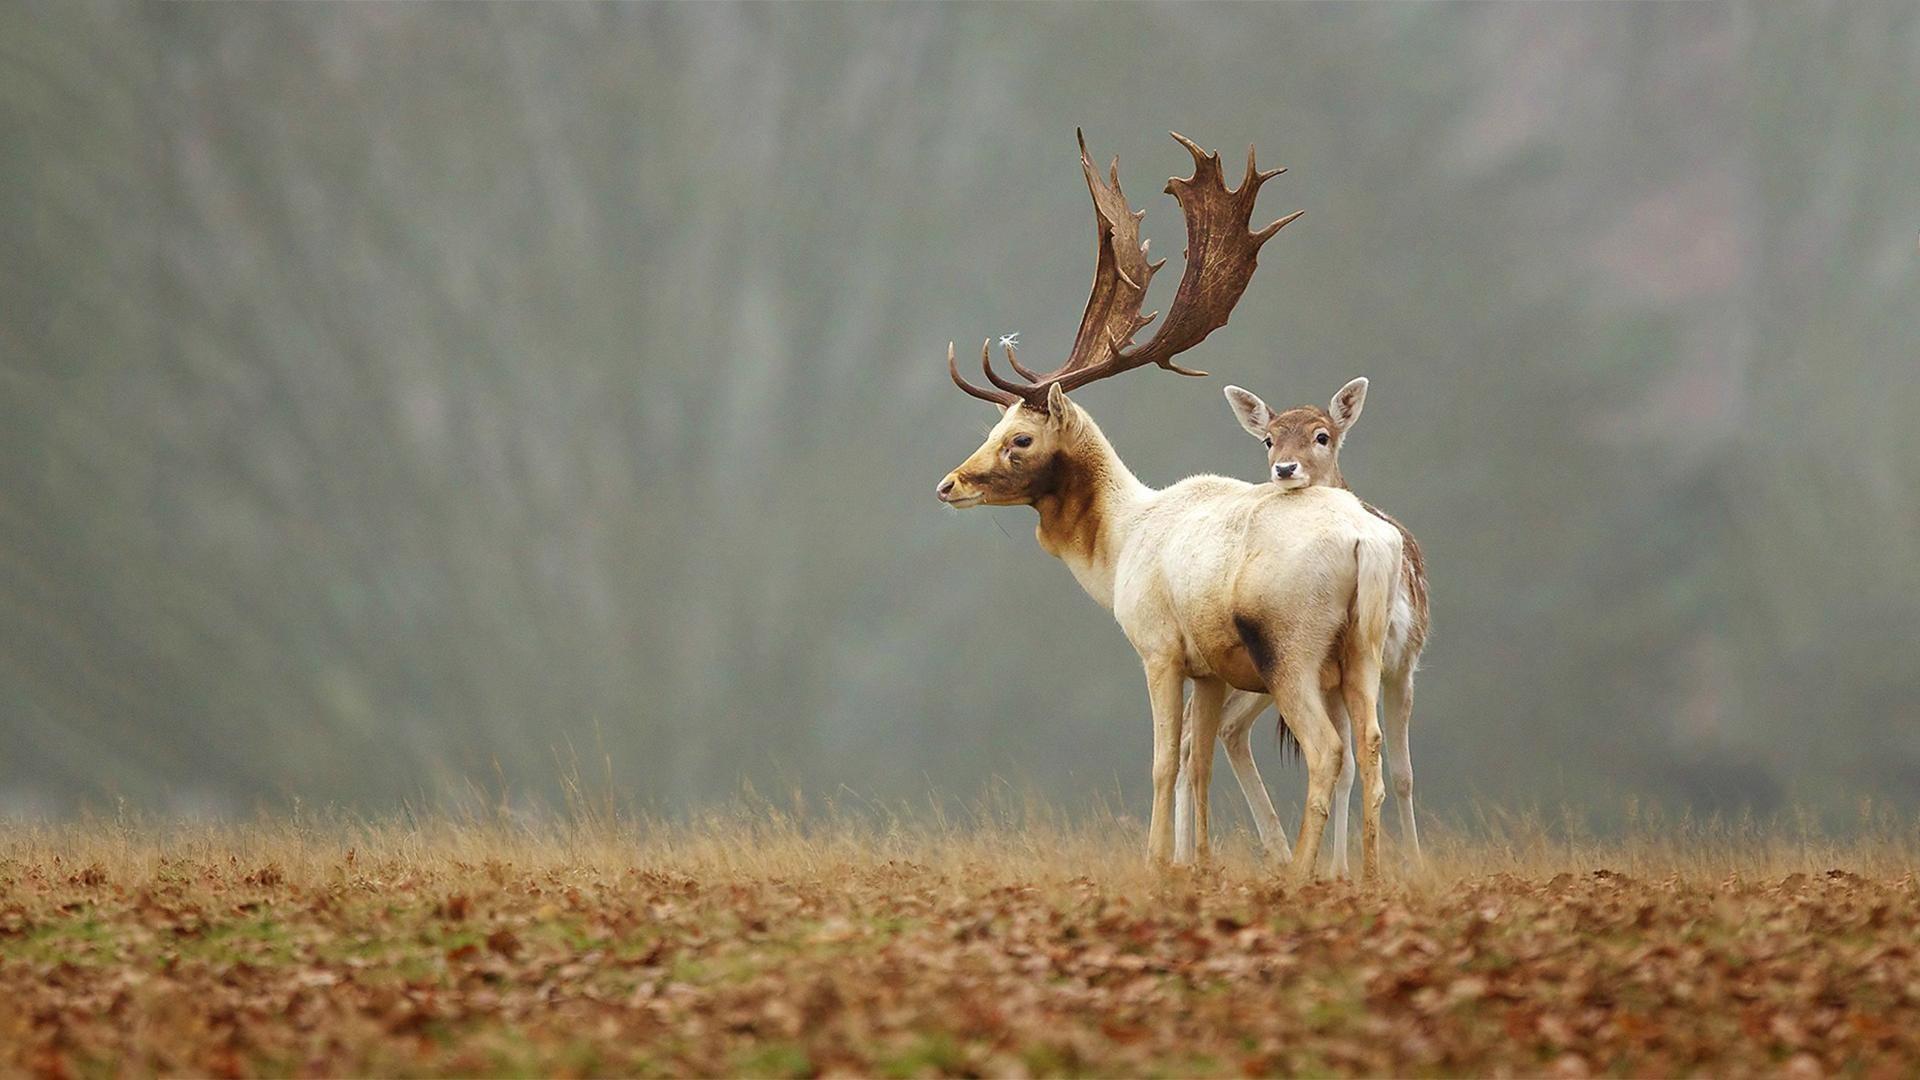 Res: 1920x1080, Deer Wallpaper